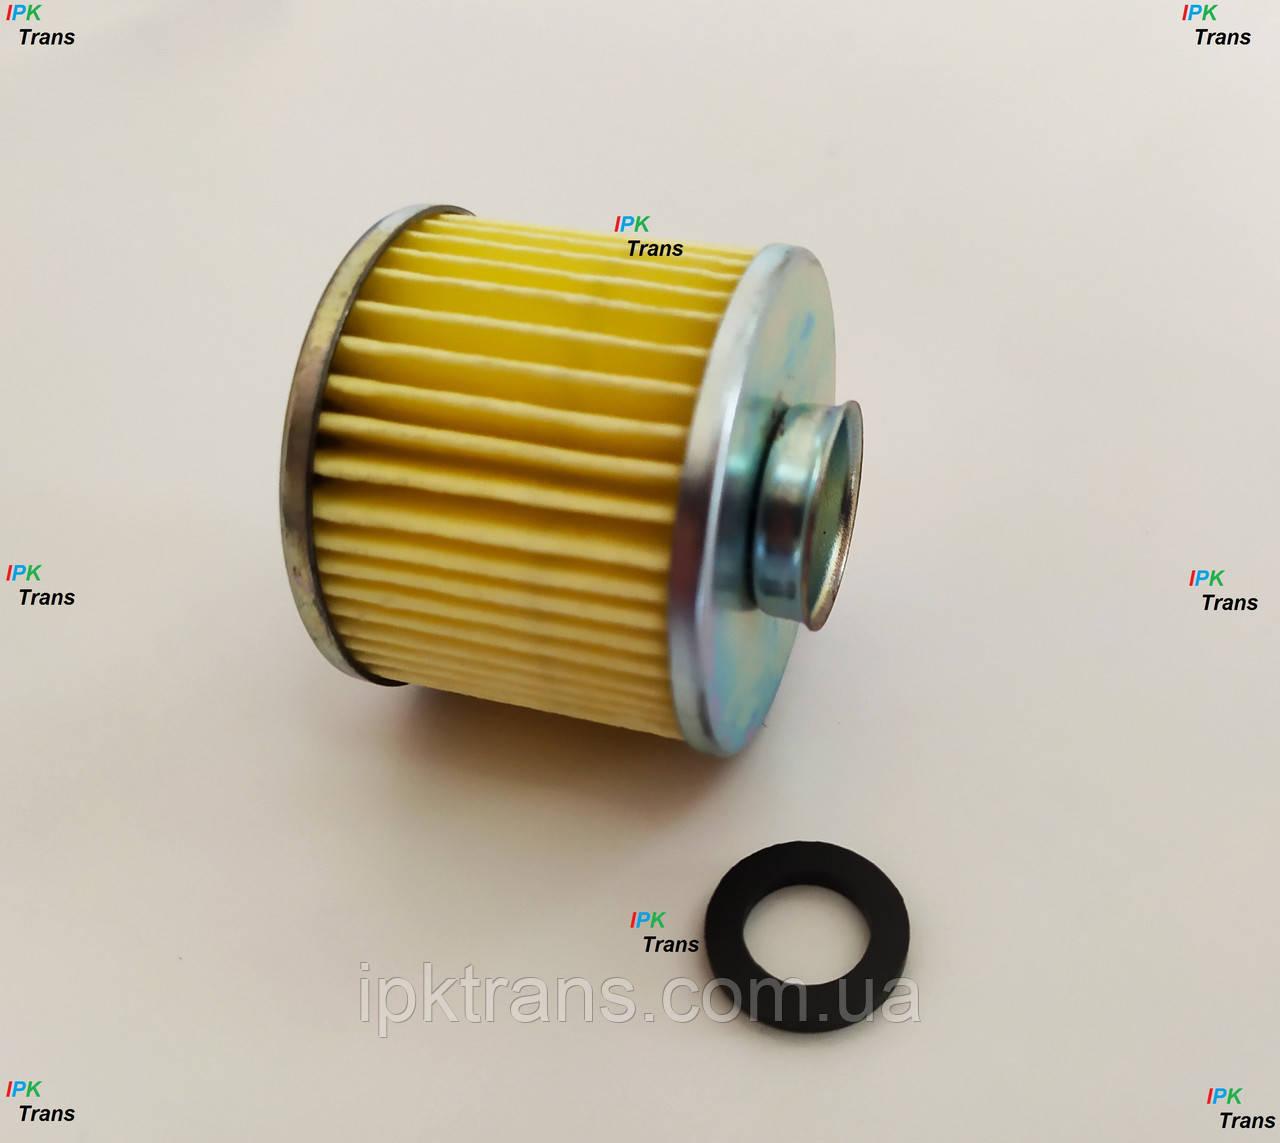 Фильтр топливный для погрузчика KOMATSU FG25